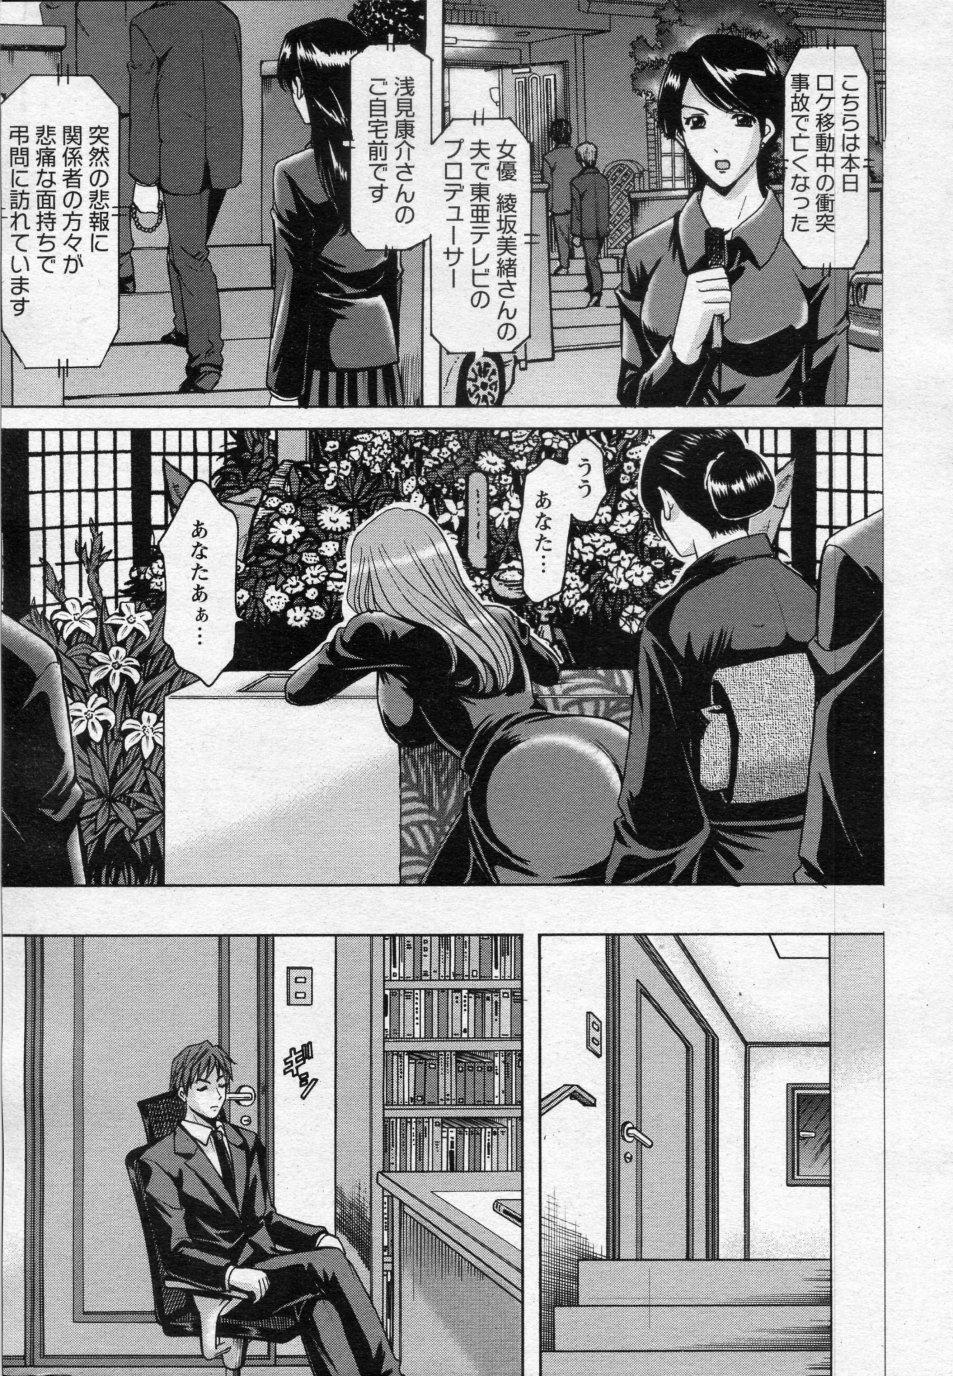 [Hoshino Ryuichi] Mjo Collection -Nidaime Choukyoushi- Ch.01-02 8